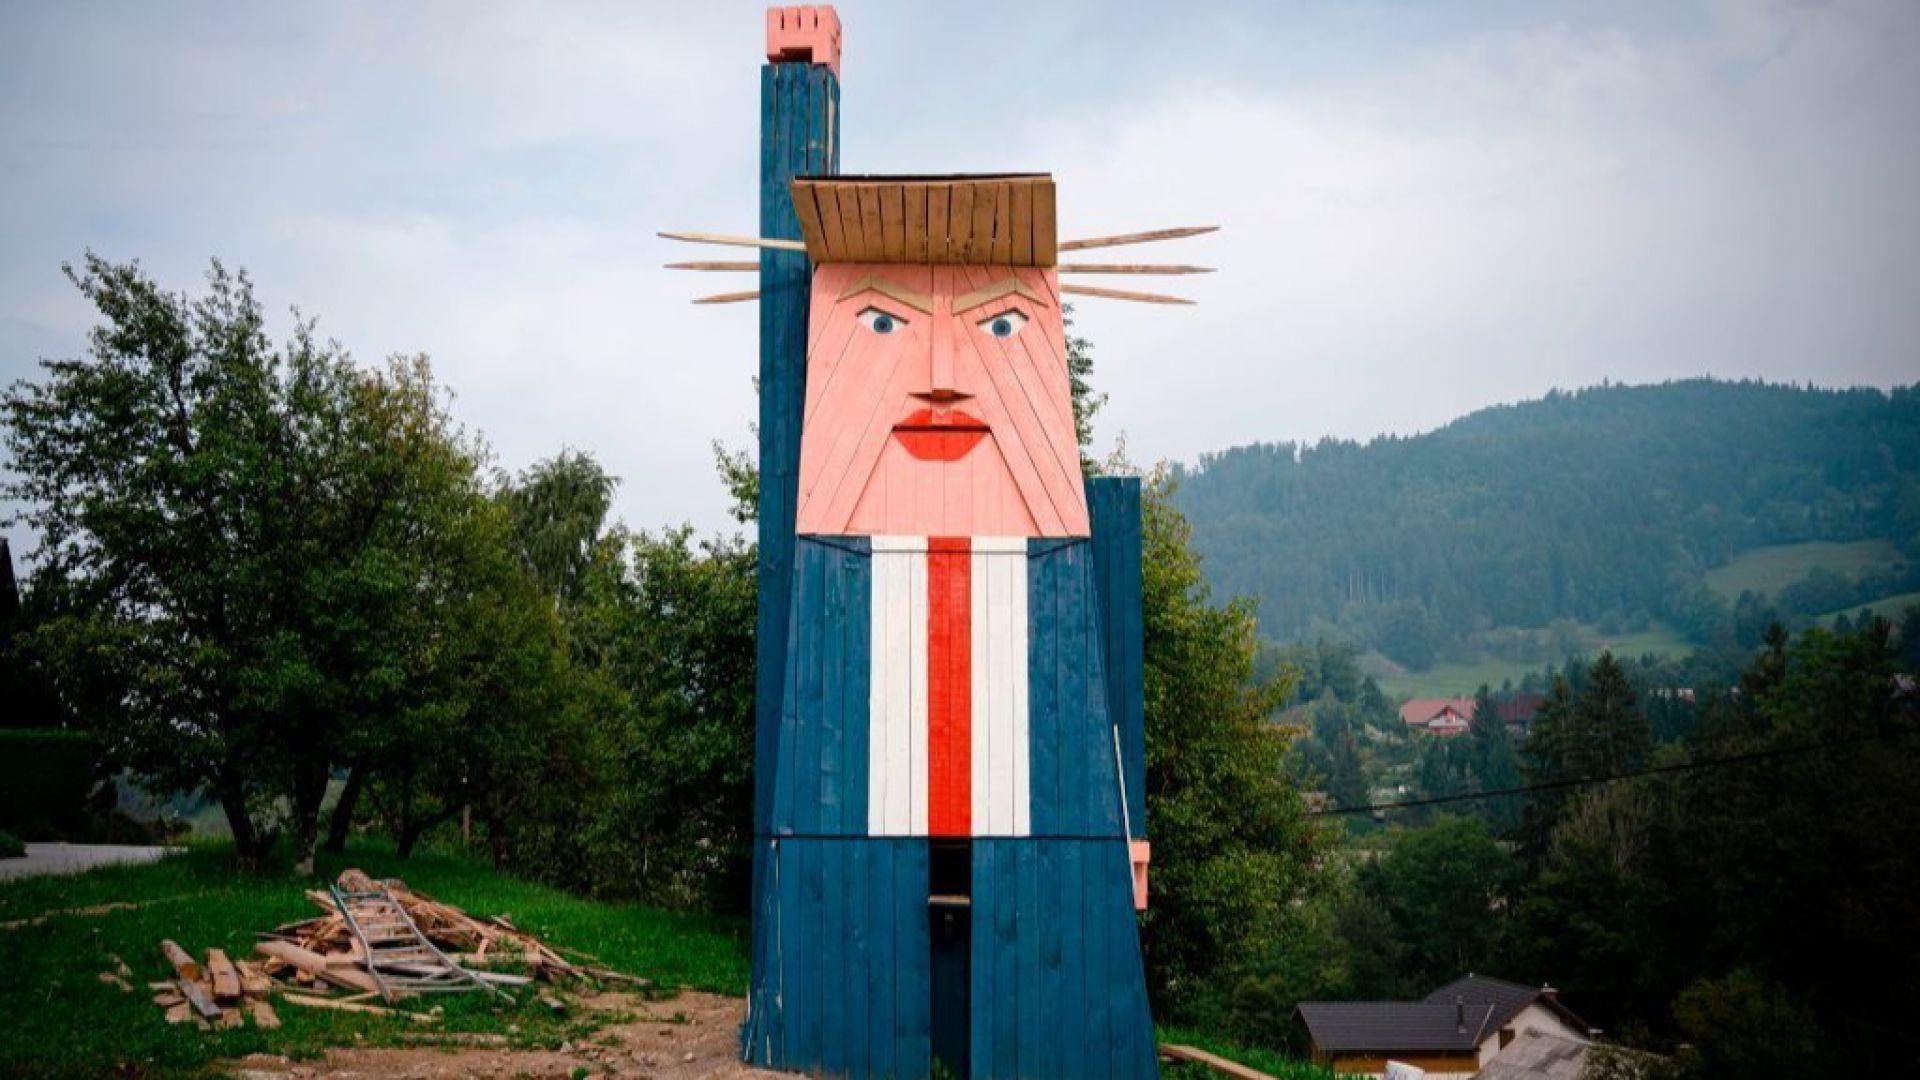 Изгориха дървена статуя на Тръмп в Словения